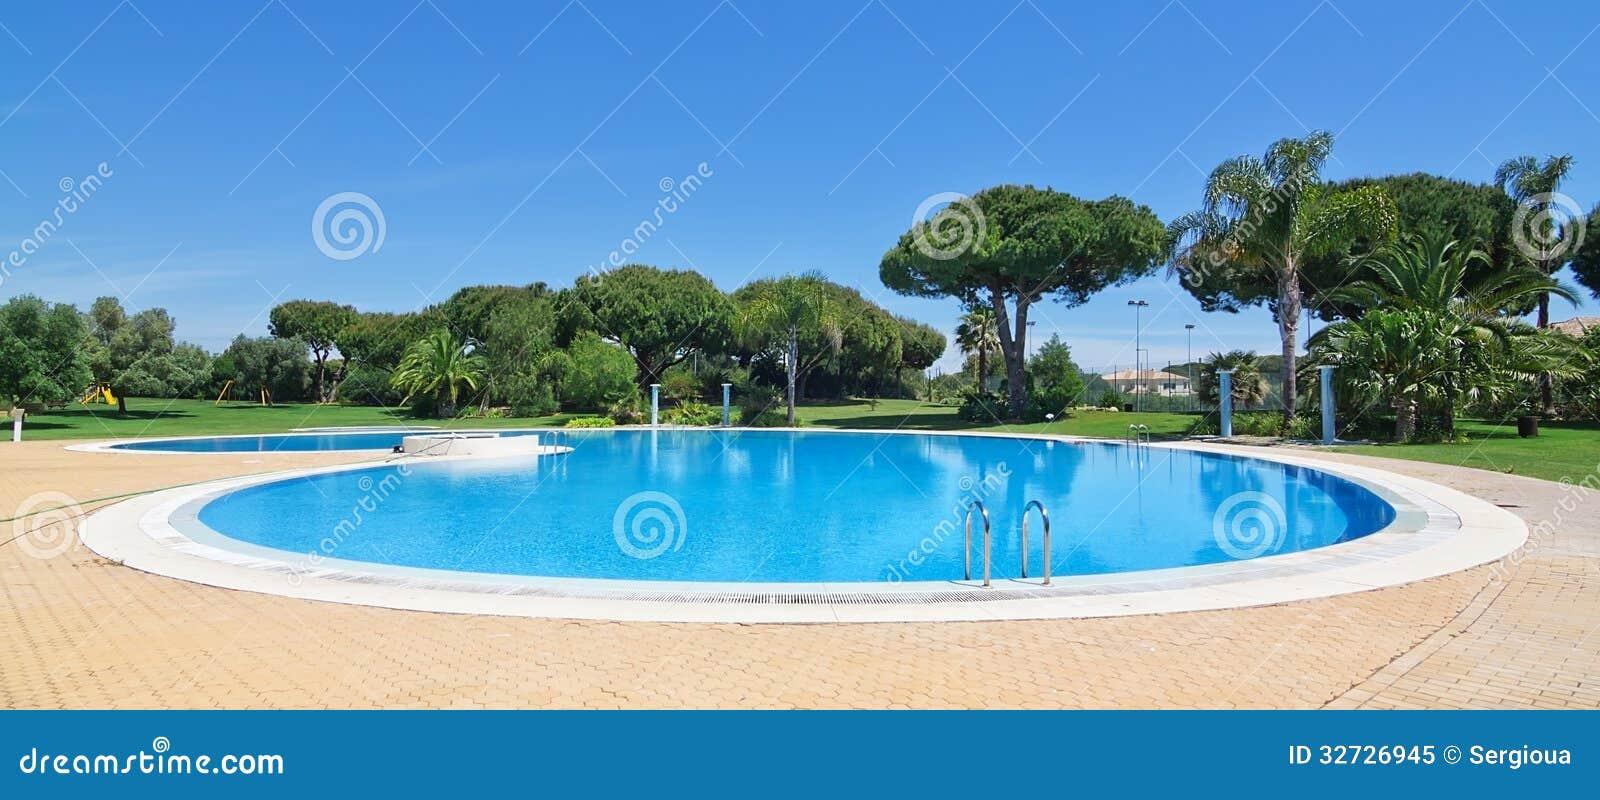 Sommer runder swimmingpool im freien stockbild bild for Swimmingpool im angebot